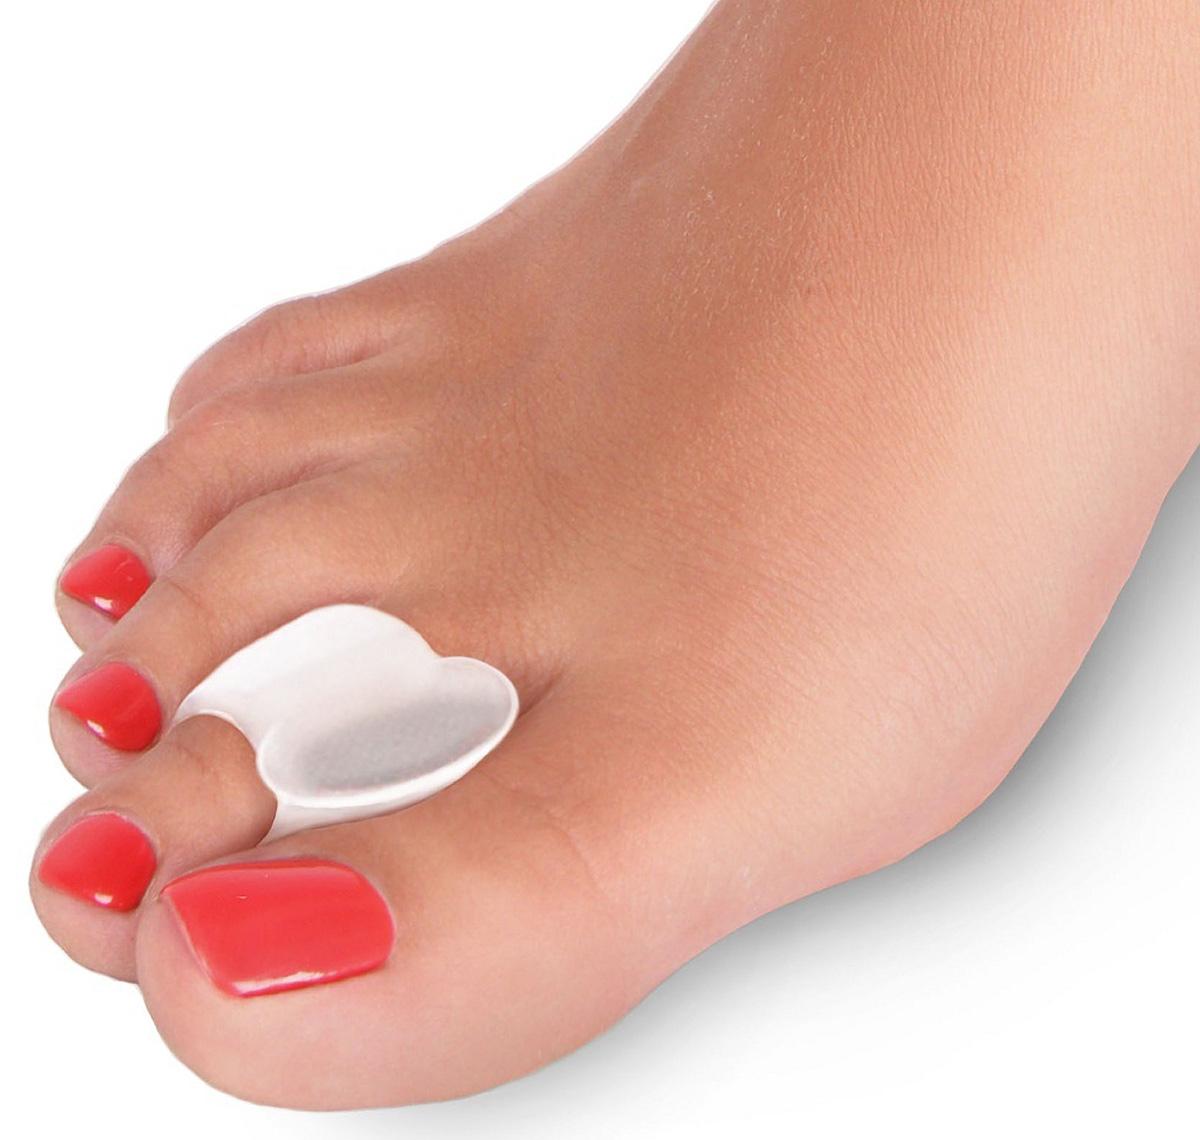 Luomma Силиконовая межпальцевая перегородка с фиксирующим кольцом Lum802. Размер 1 альфапластик дельфин р 38 40